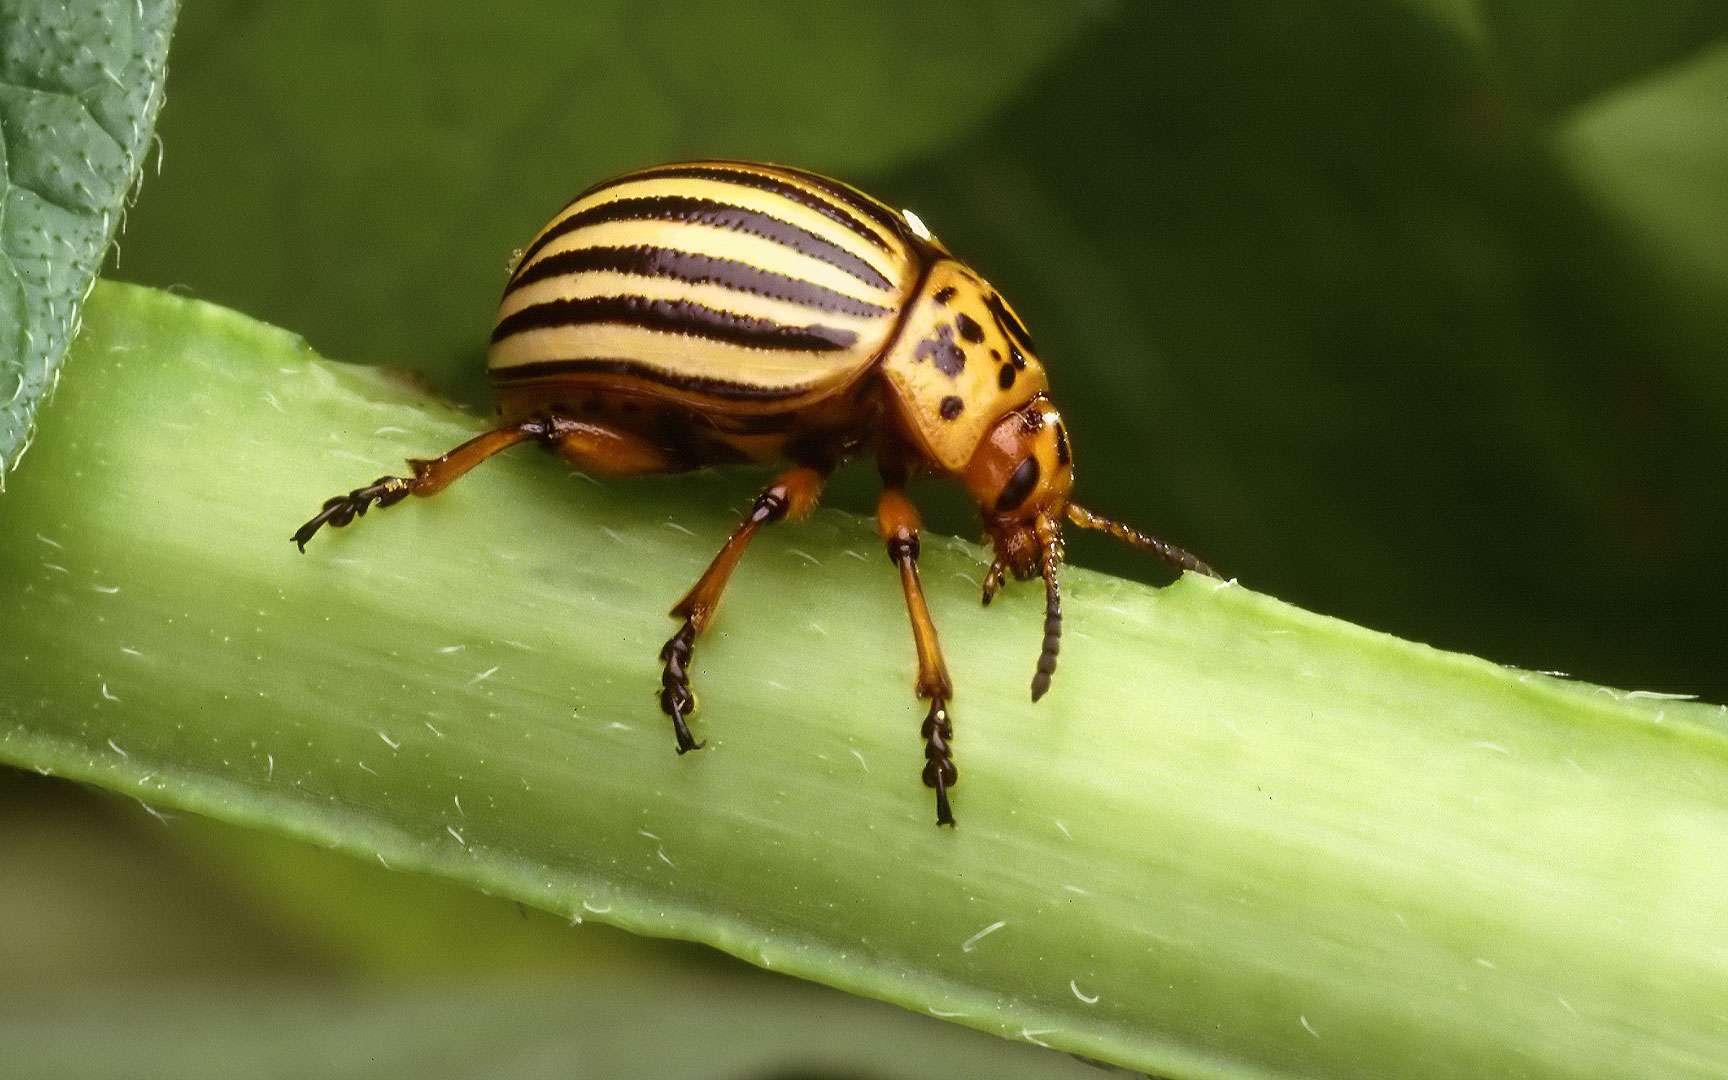 Leptinotarsa decemlineata - Doryphore. Leptinotarsa decemlineata – Doryphore Coléoptère aux élytres jaunes rayés de noir de la famille des chrysomélidés, le doryphore est un ravageur des feuilles de pommes de terre et autres solanées (tomates, aubergines, piments, tabac…). Originaire du Colorado, l'espèce se cantonnait à une seule espèce de solanée sauvage : solanum rostratum (morelle rostrée). Lorsque l'homme introduisit la pomme de terre dans cette région située au pied des Montagnes Rocheuses vers 1850, le doryphore trouva la plante à son goût, et émigra alors à sa suite à travers tout le pays. Il fut arrêté par l'Océan Atlantique sur les rivages duquel il patienta jusqu'à la fin de la Première Guerre Mondiale, pour finalement parvenir en Europe. Là il proliféra au point de devenir un véritable fléau pour les cultures de nos tubercules préférés. © Scott Bauer - USDA ARS, Domaine public